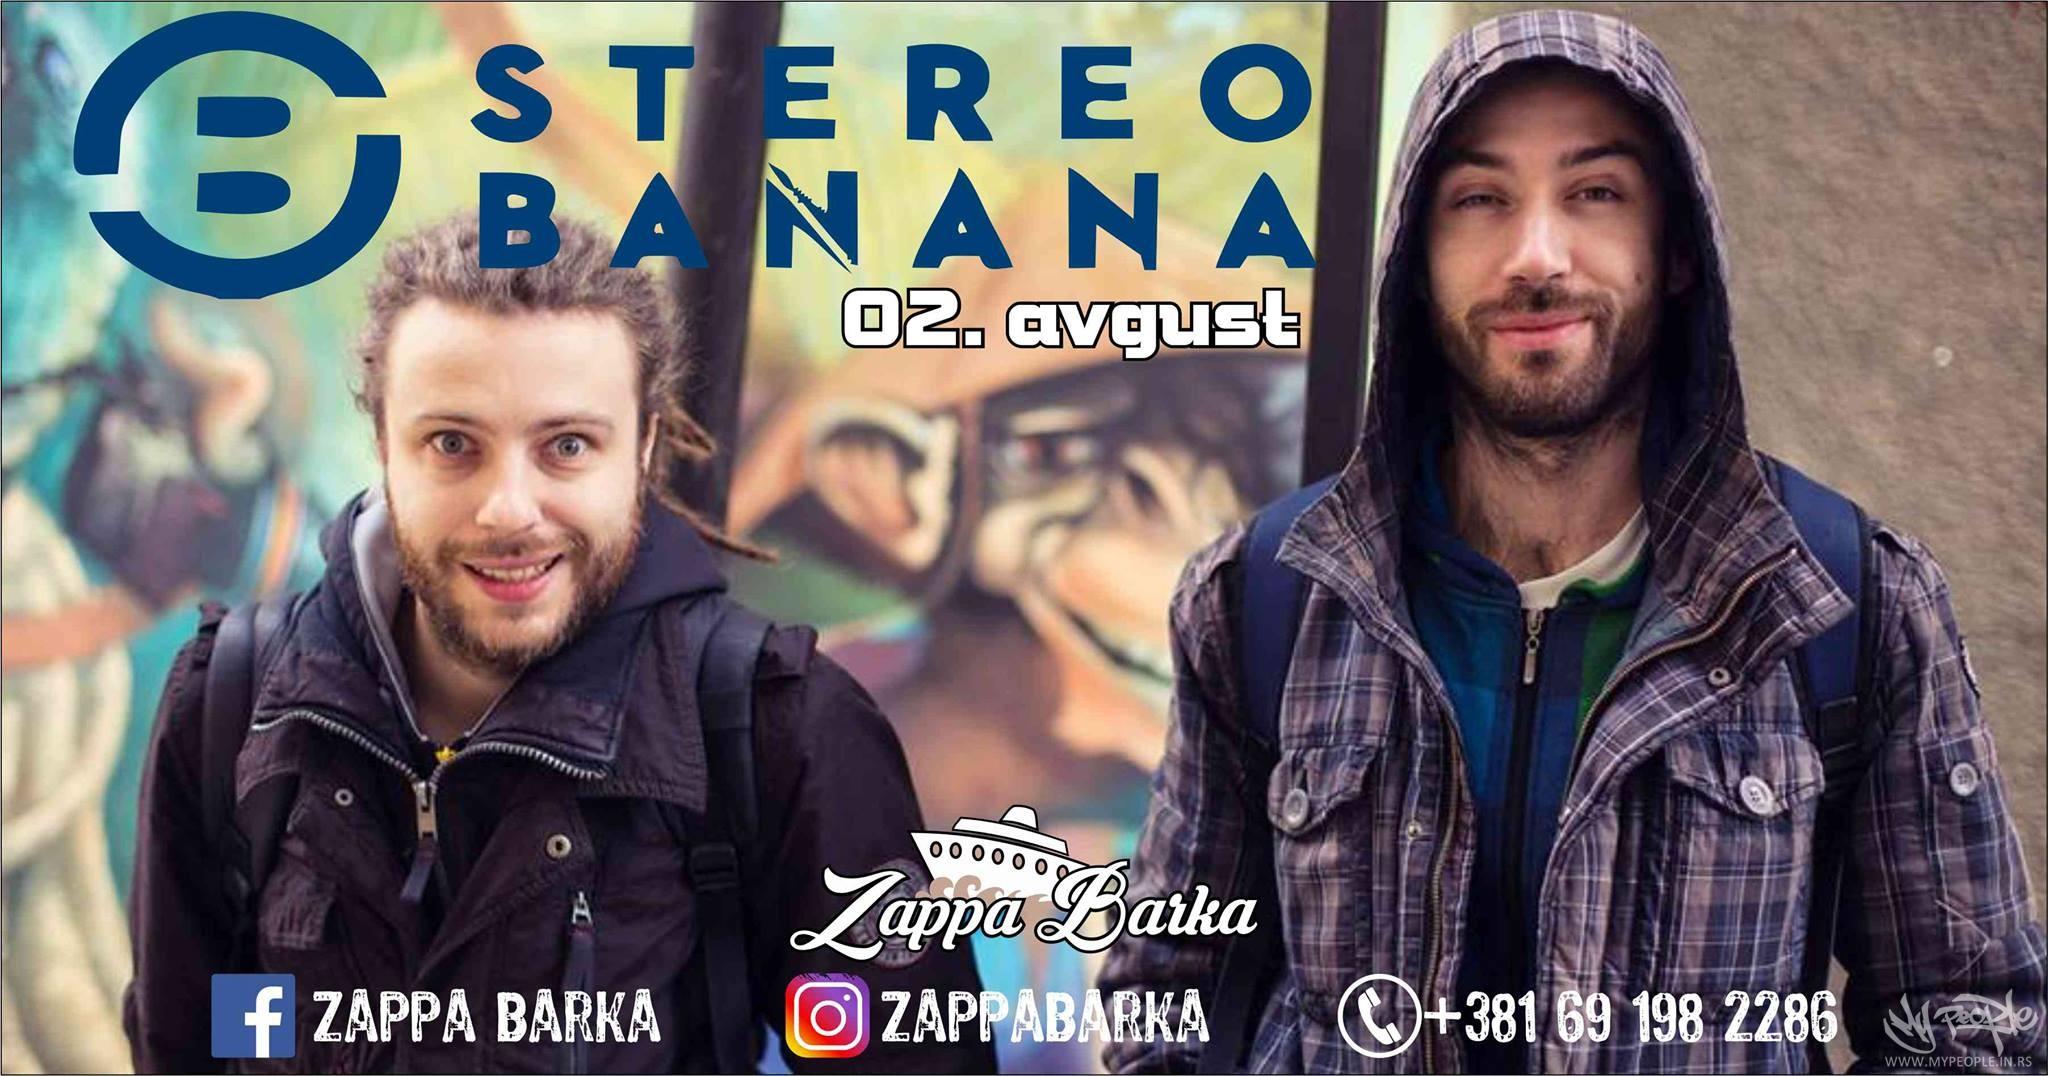 Stereo Banana LIVE @ Zappa Barka